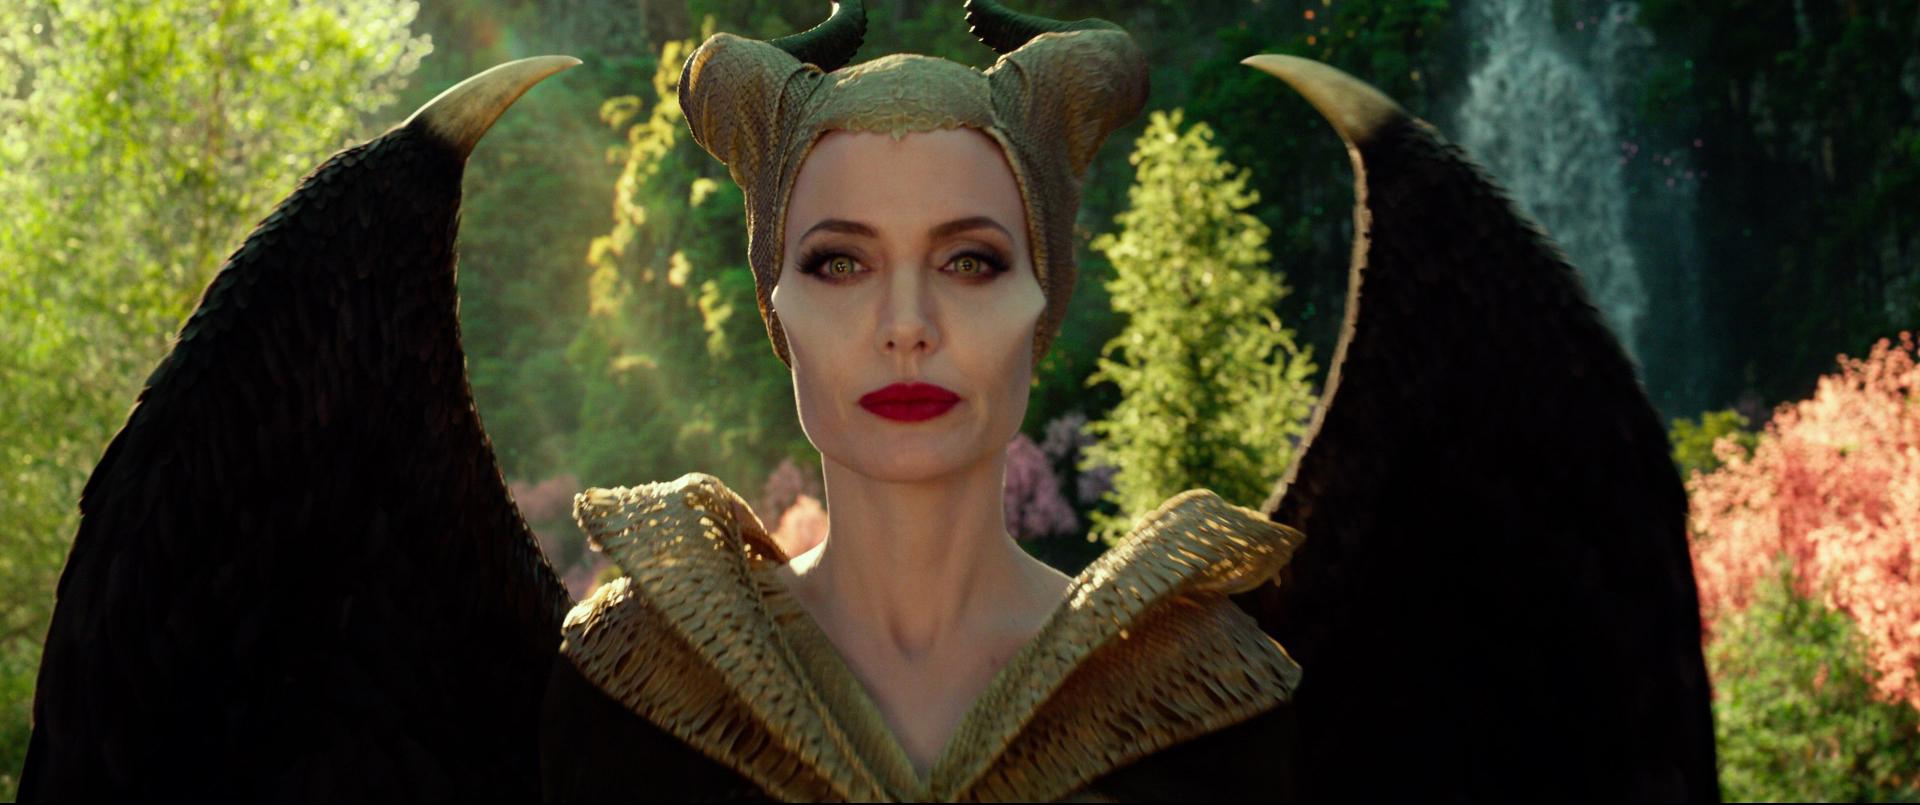 《黑魔女2》美台票房雙冠 劇組動員44位專業化妝師打造造型